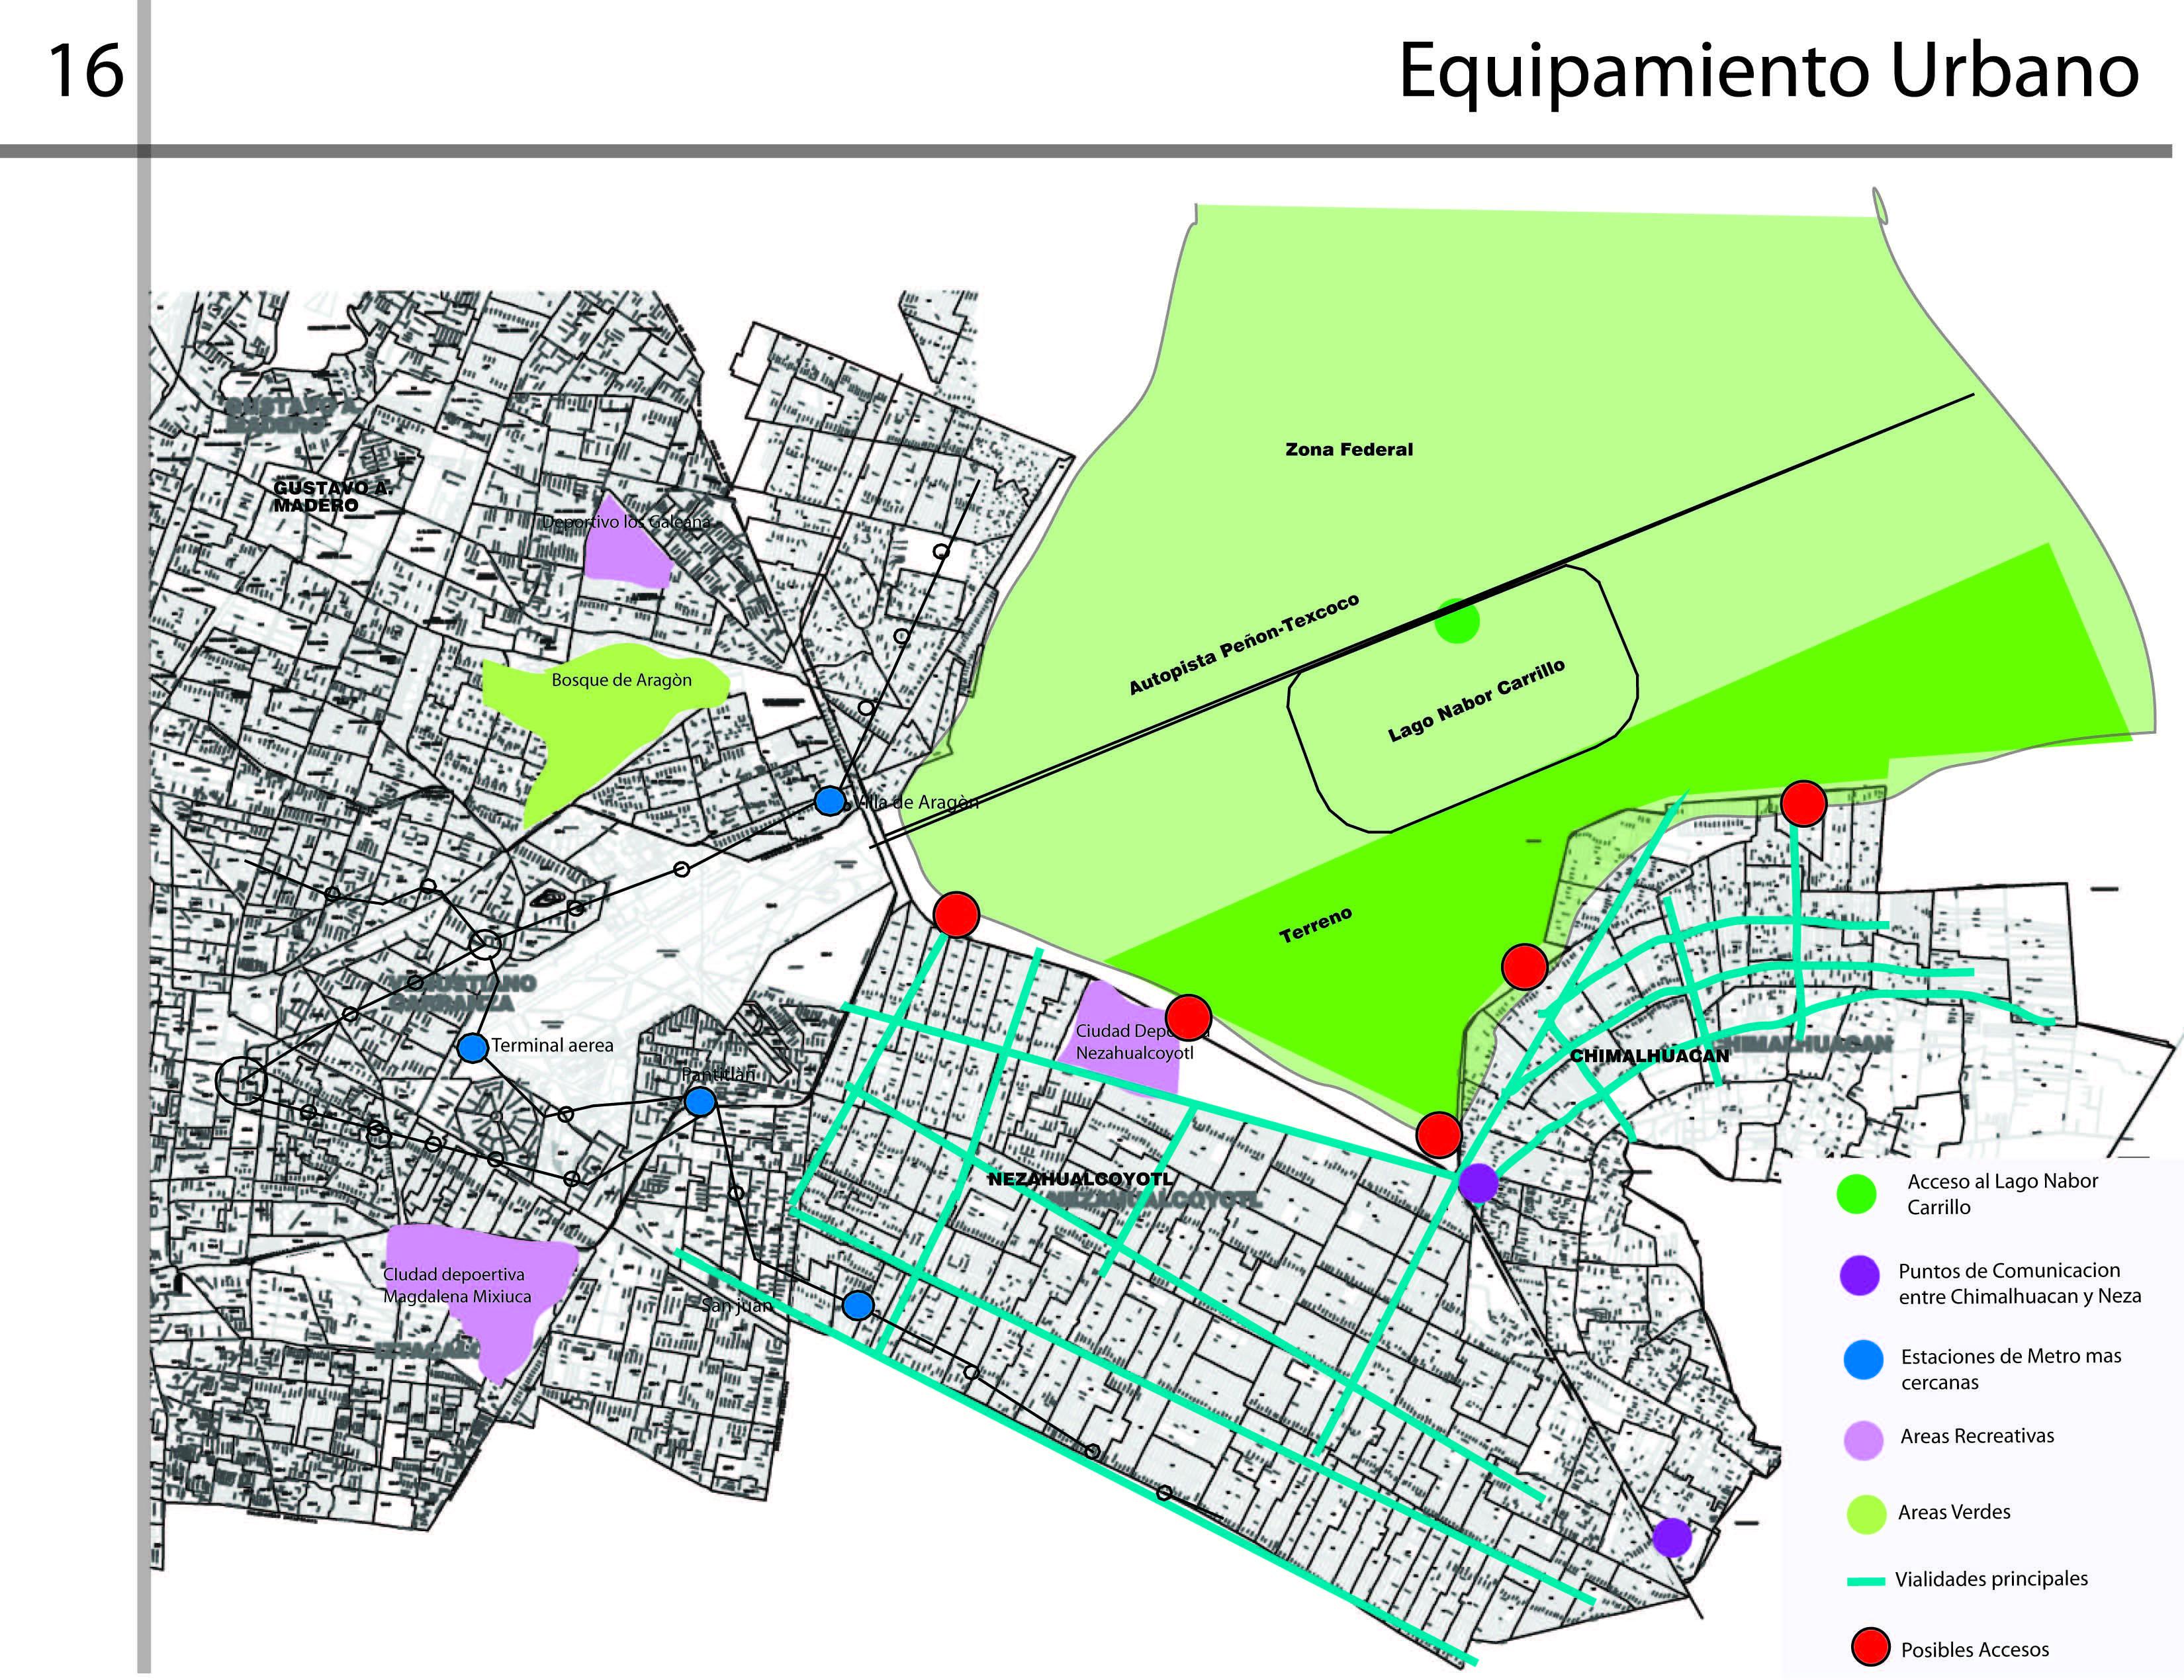 Equipamiento suministro o entrega del equipo necesario for Equipamiento urbano arquitectura pdf